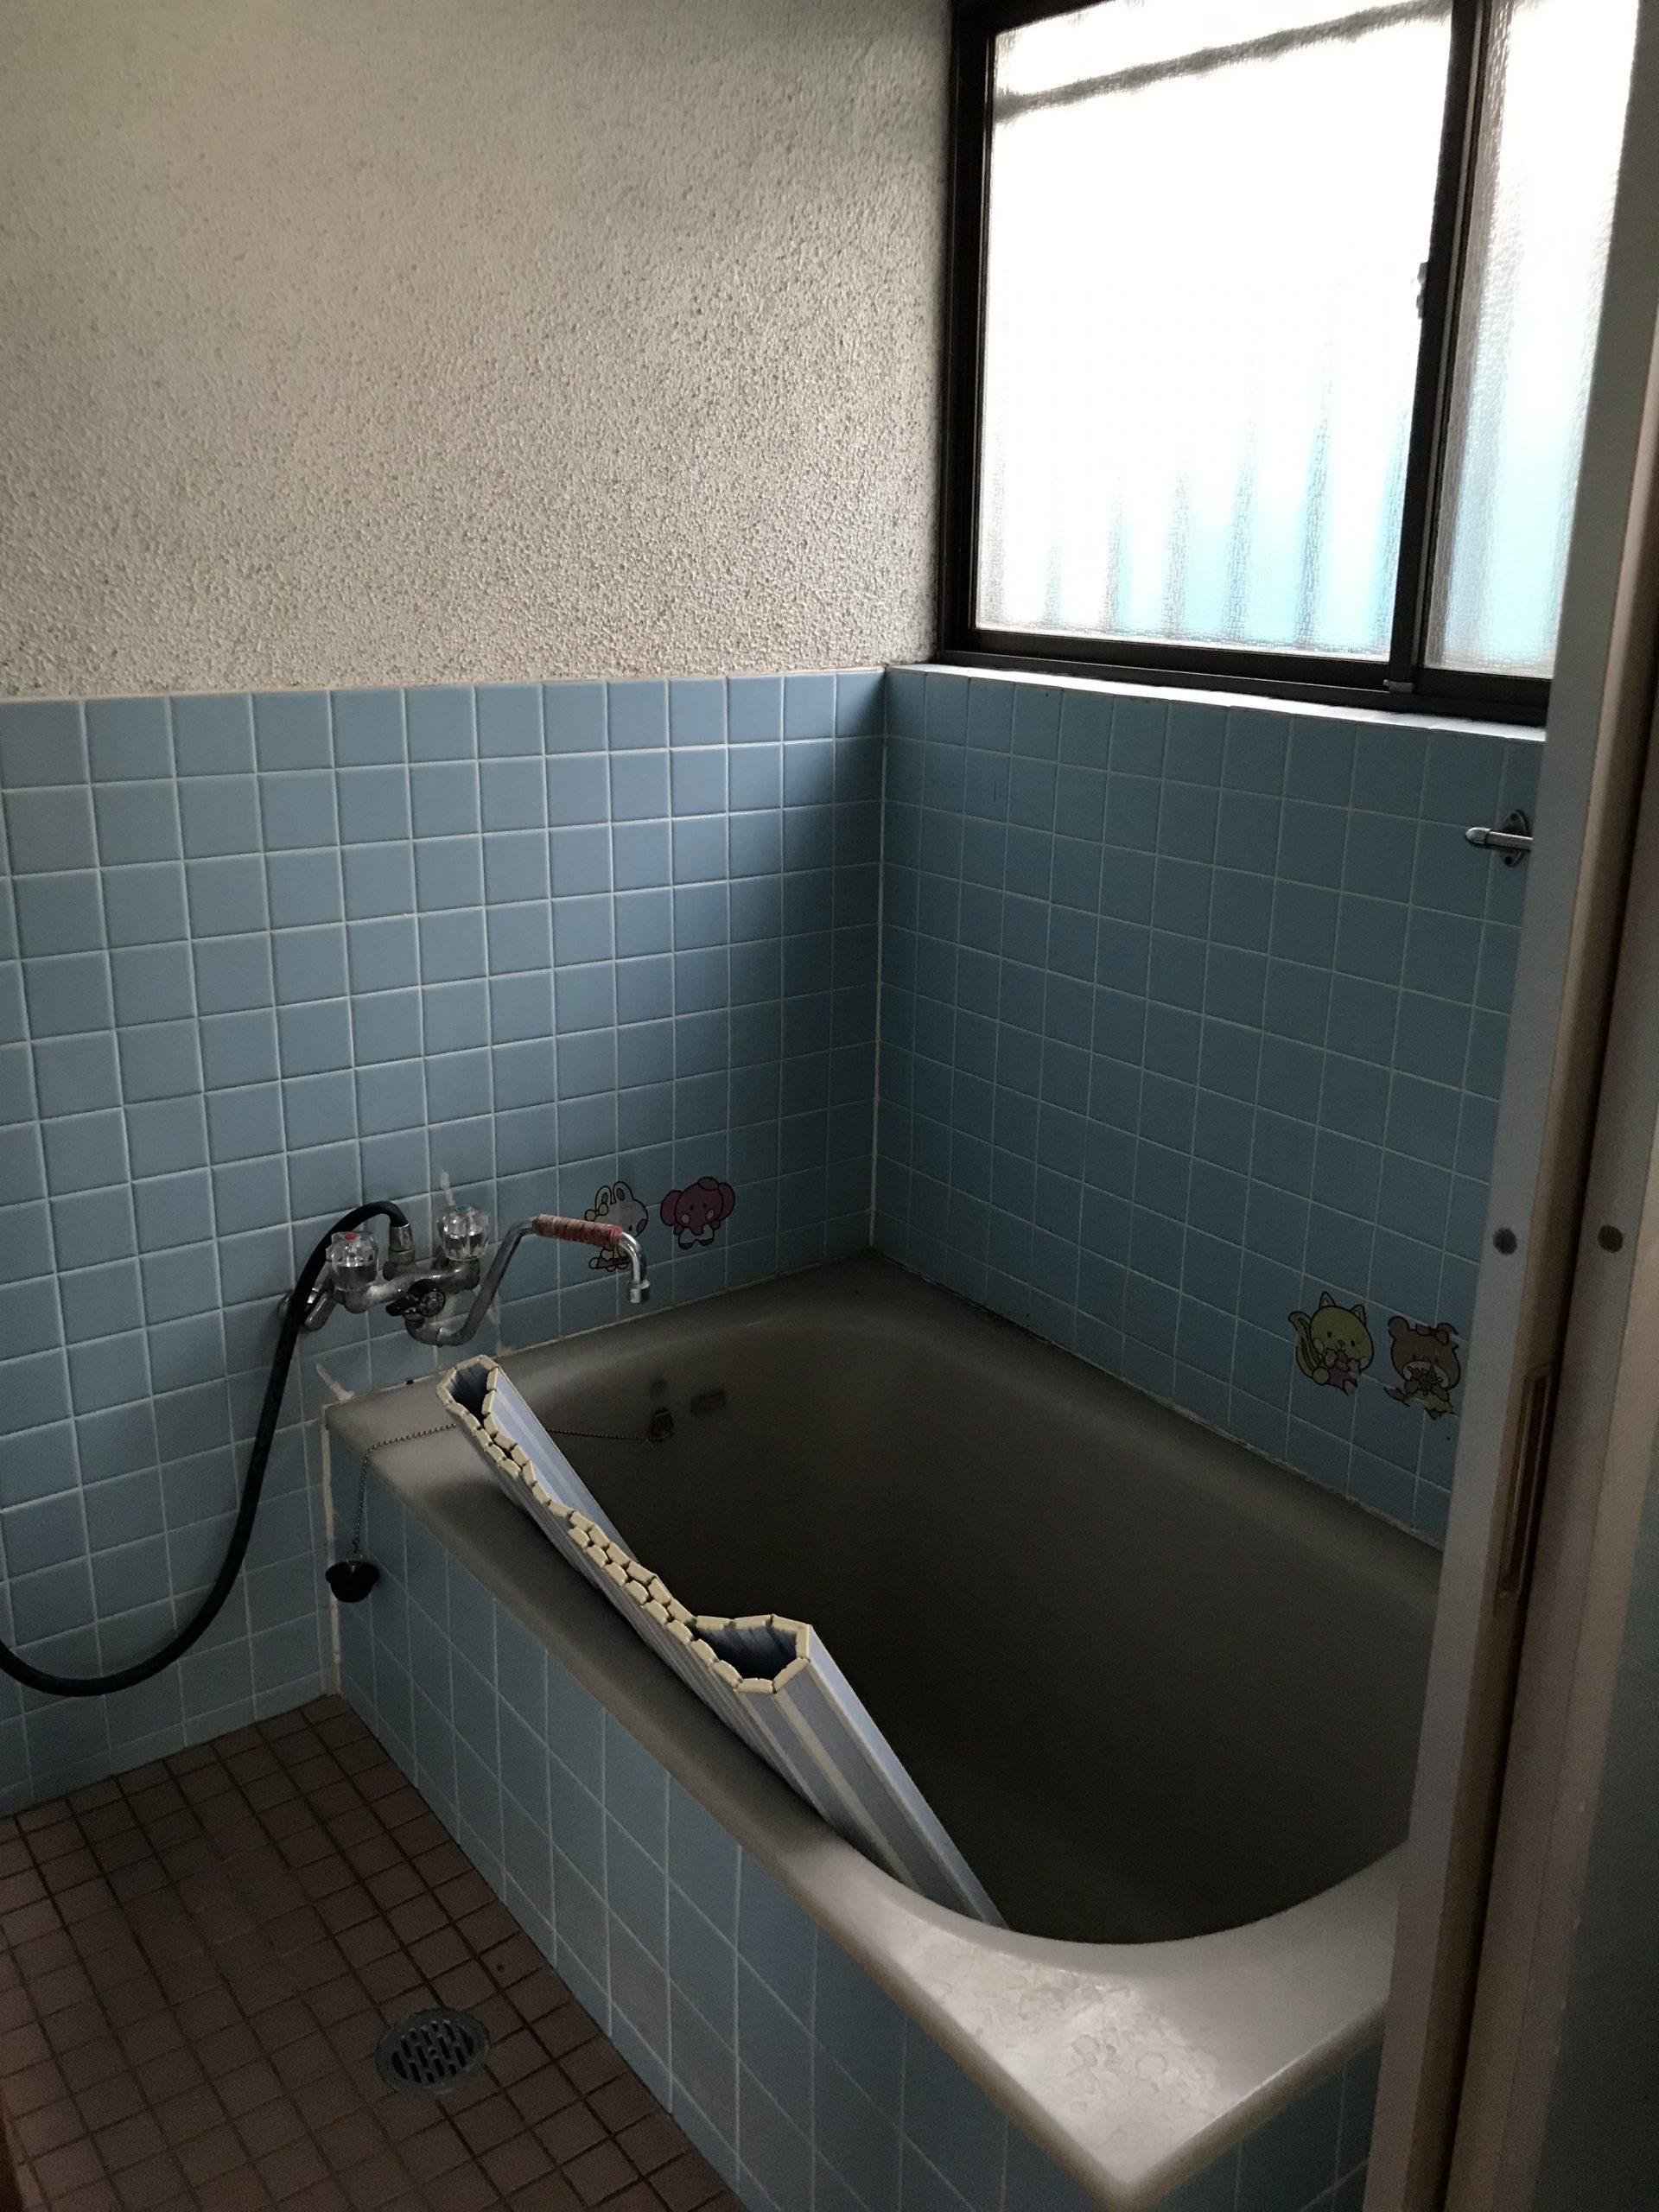 大分市竹の上 中古住宅 浴室 大分不動産情報サービス